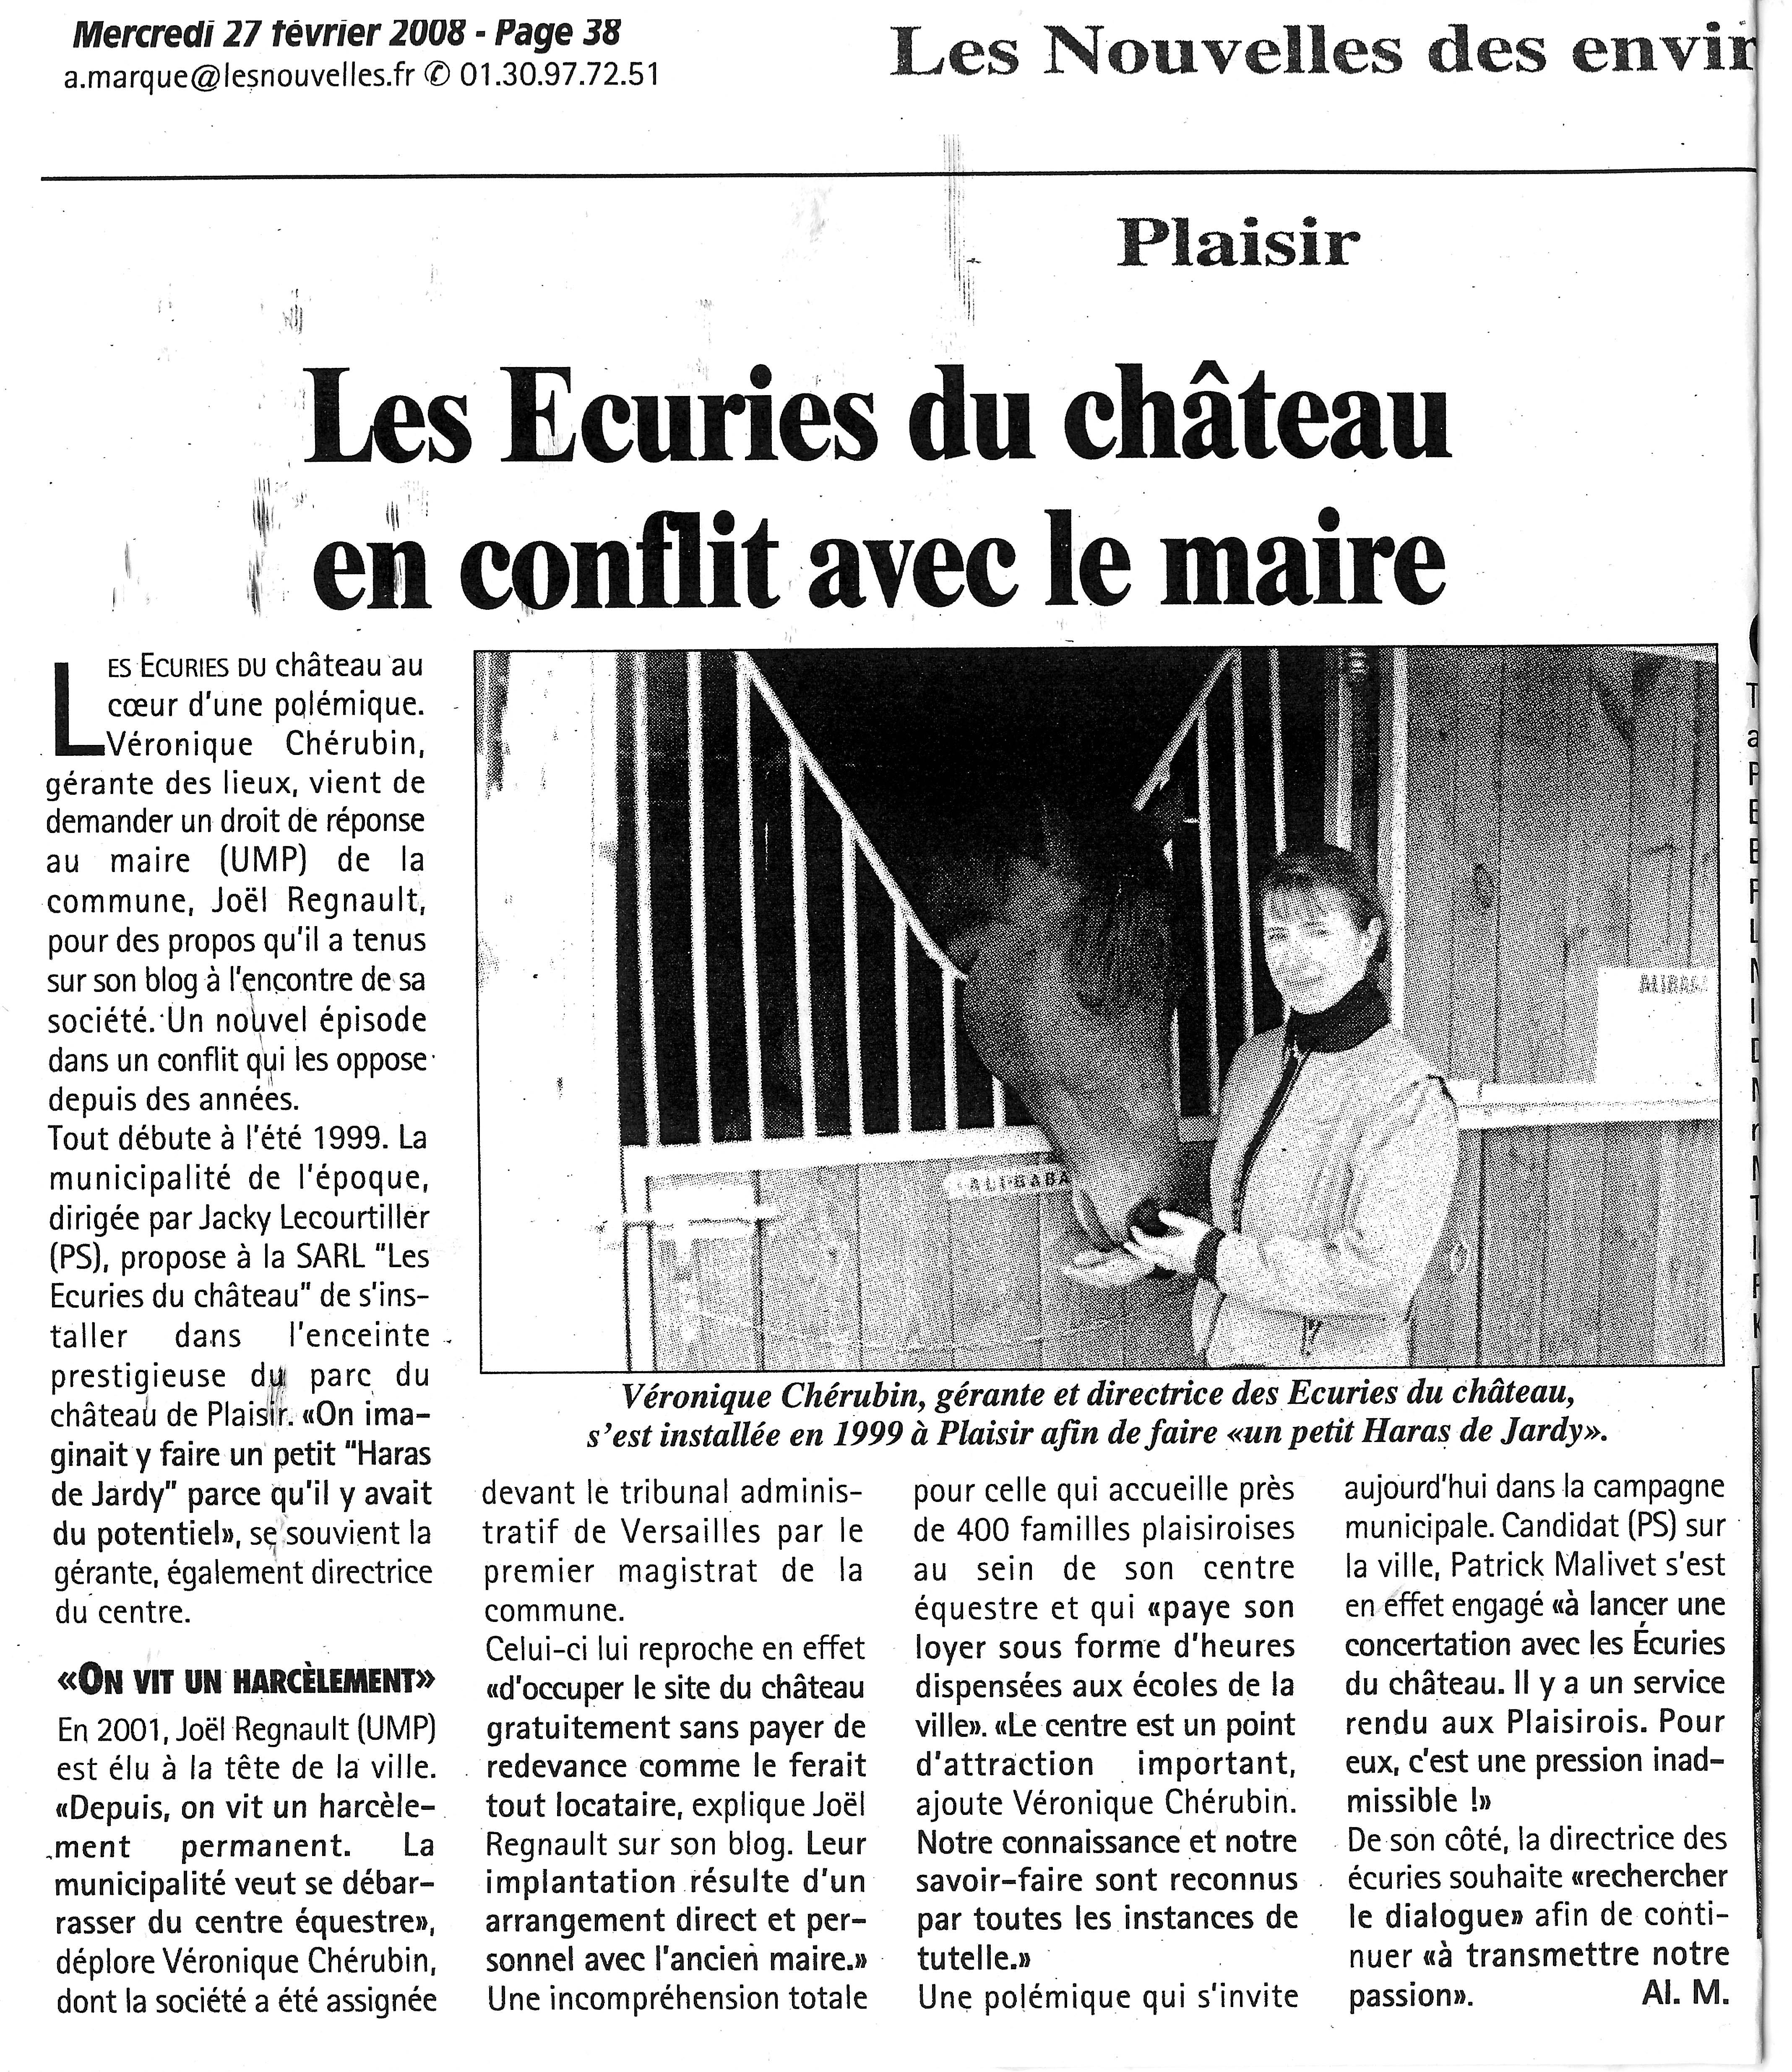 articlelesnouvelles27022008.jpg